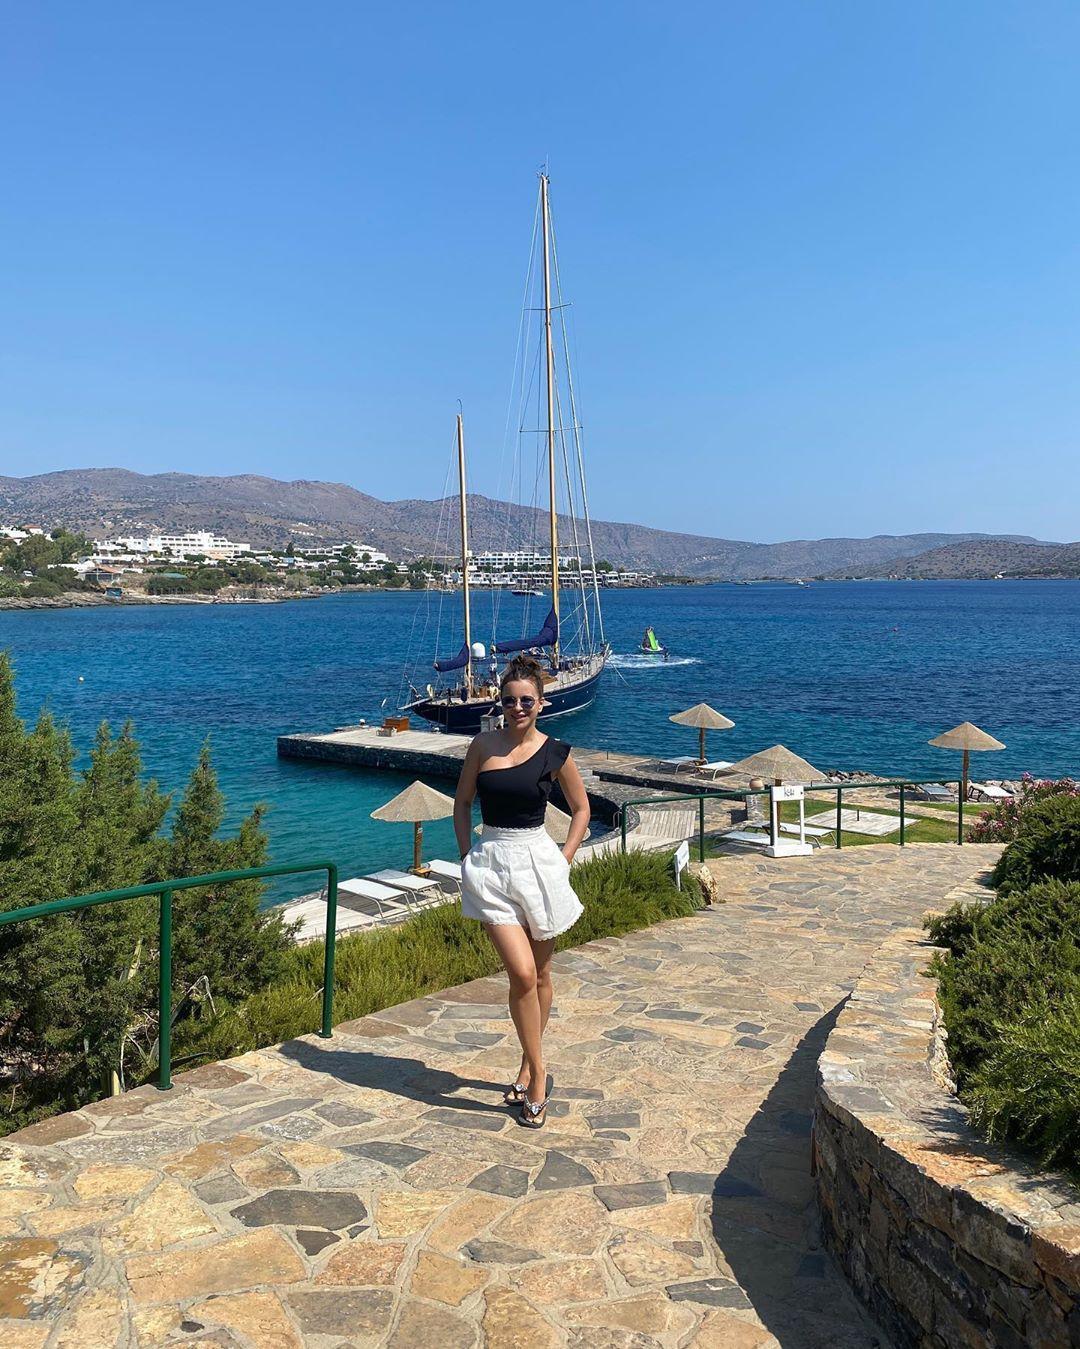 Ани Лораквосхитила сеть стильным летним образом / Instagram Ани Лорак